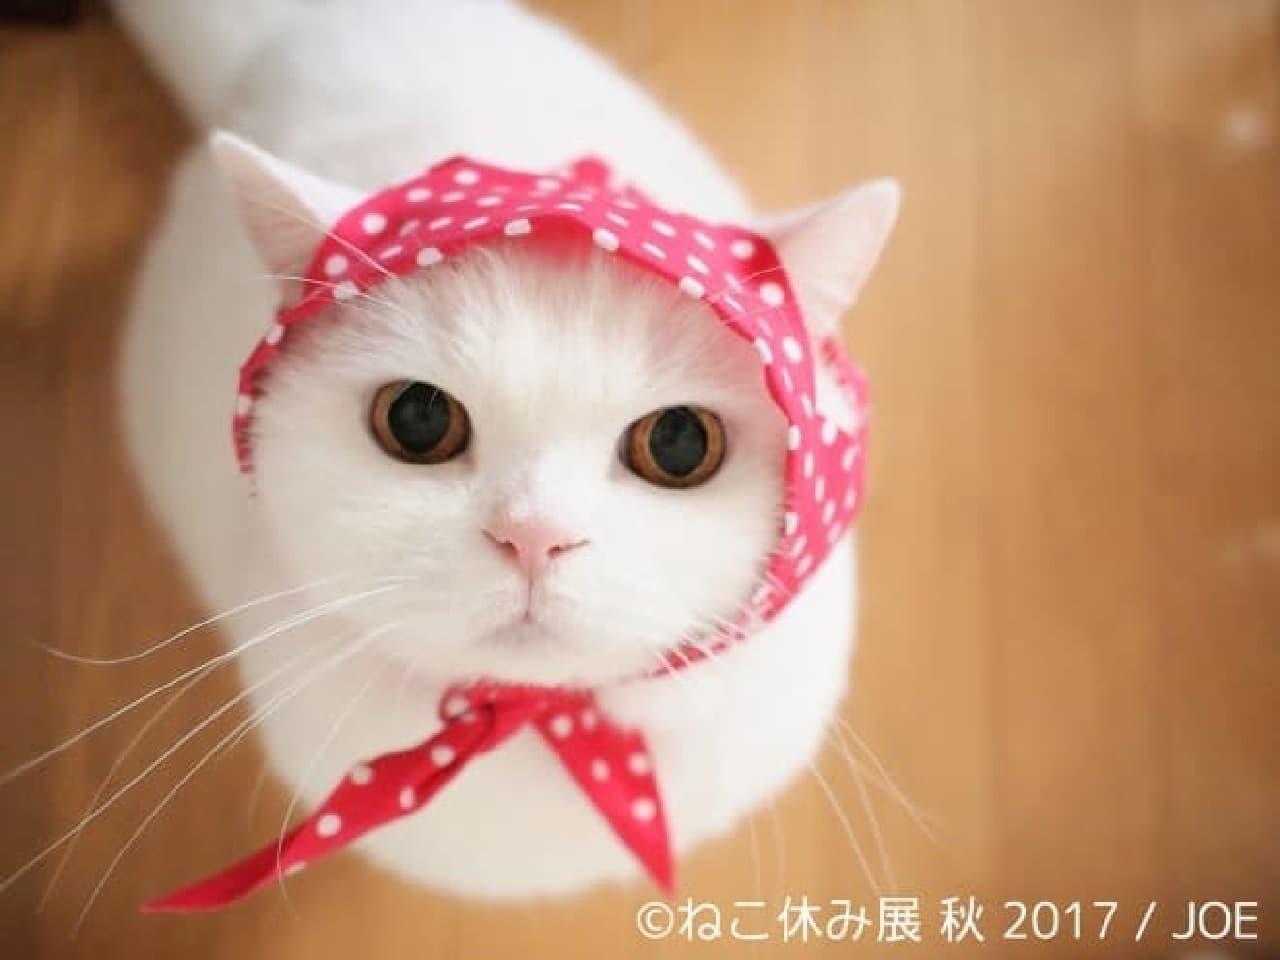 「ねこ休み展 秋 2017」が9月29日から名古屋で開催